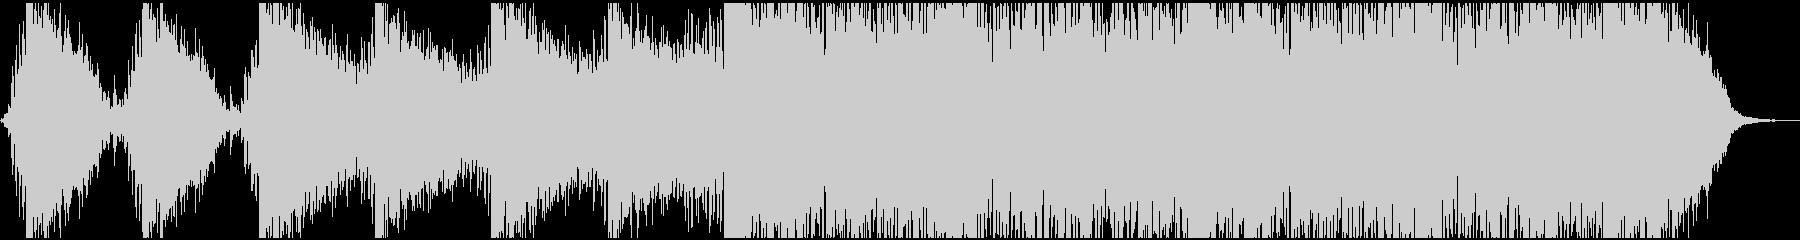 ダークでテンションが上がる曲の未再生の波形